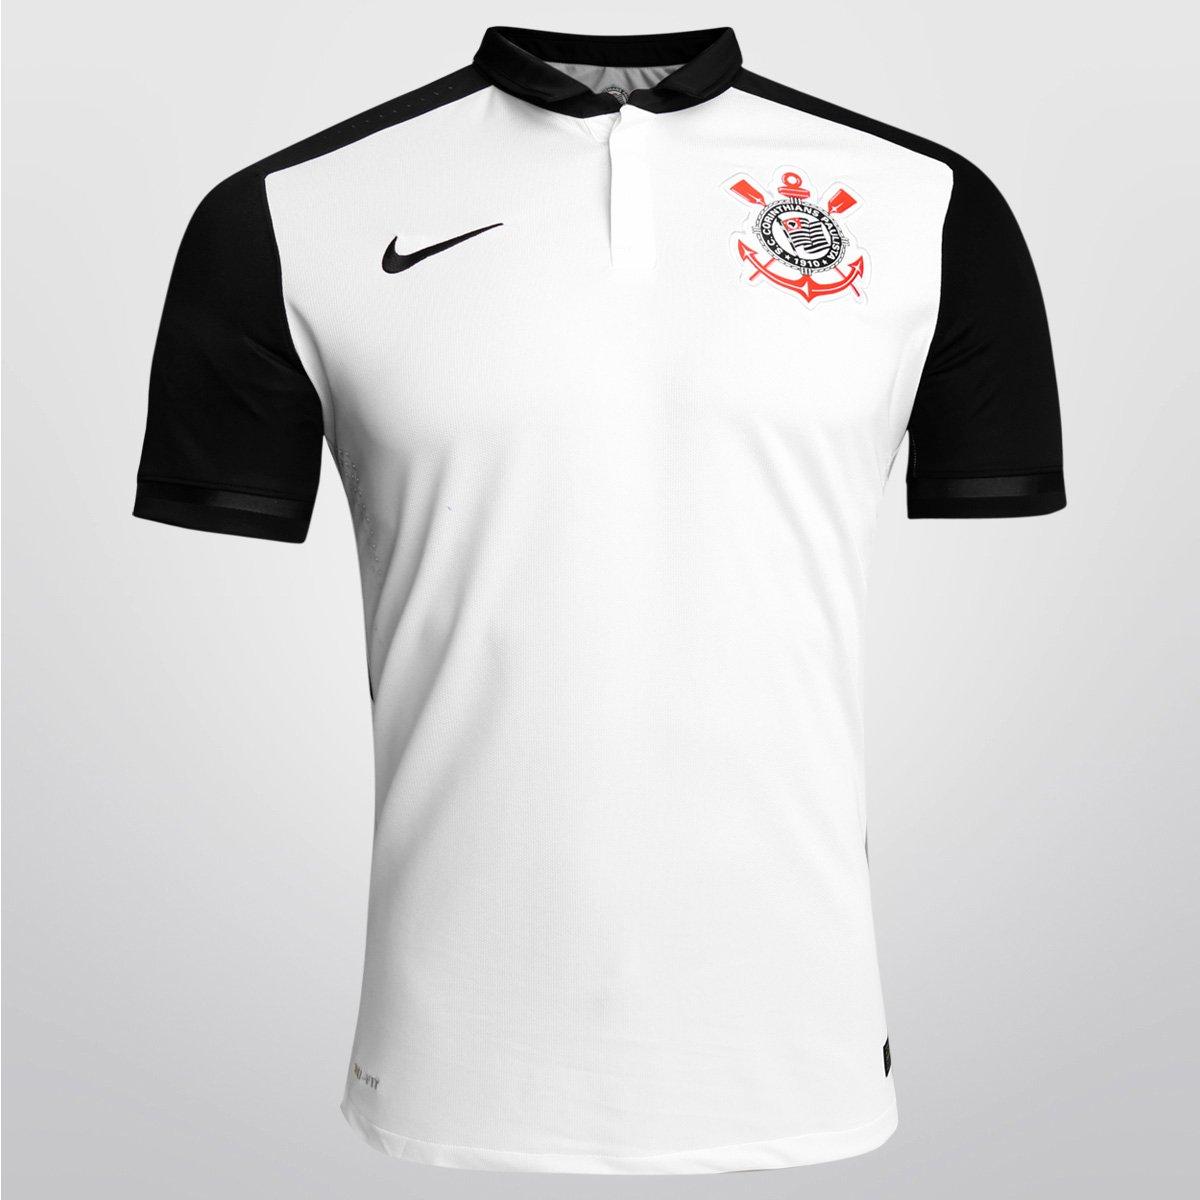 07bba7c2037cb Camisa Nike Corinthians I 15 16 s nº - Jogador - Compre Agora